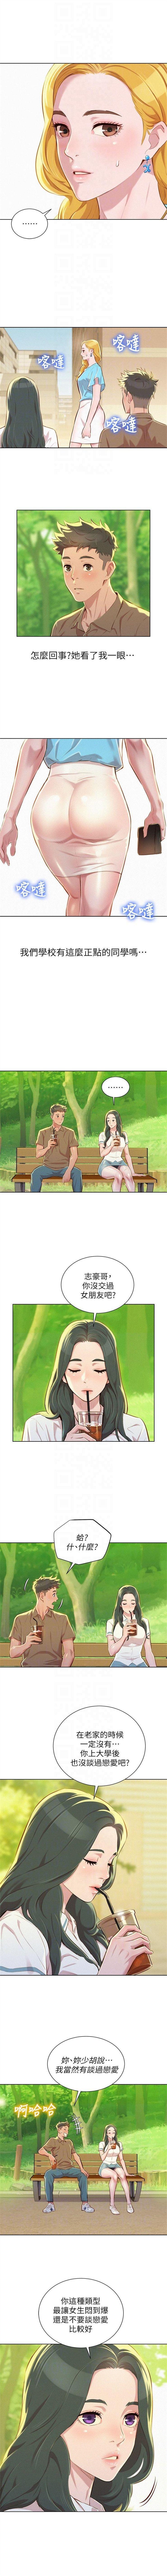 (周7)漂亮干姐姐  1-81 中文翻译 (更新中) 269